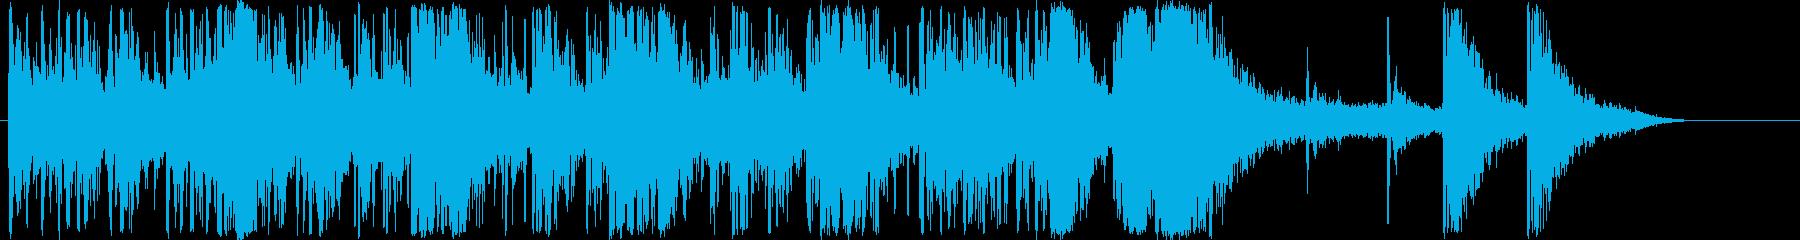 バレンシア・ファラス・マスクレタの再生済みの波形